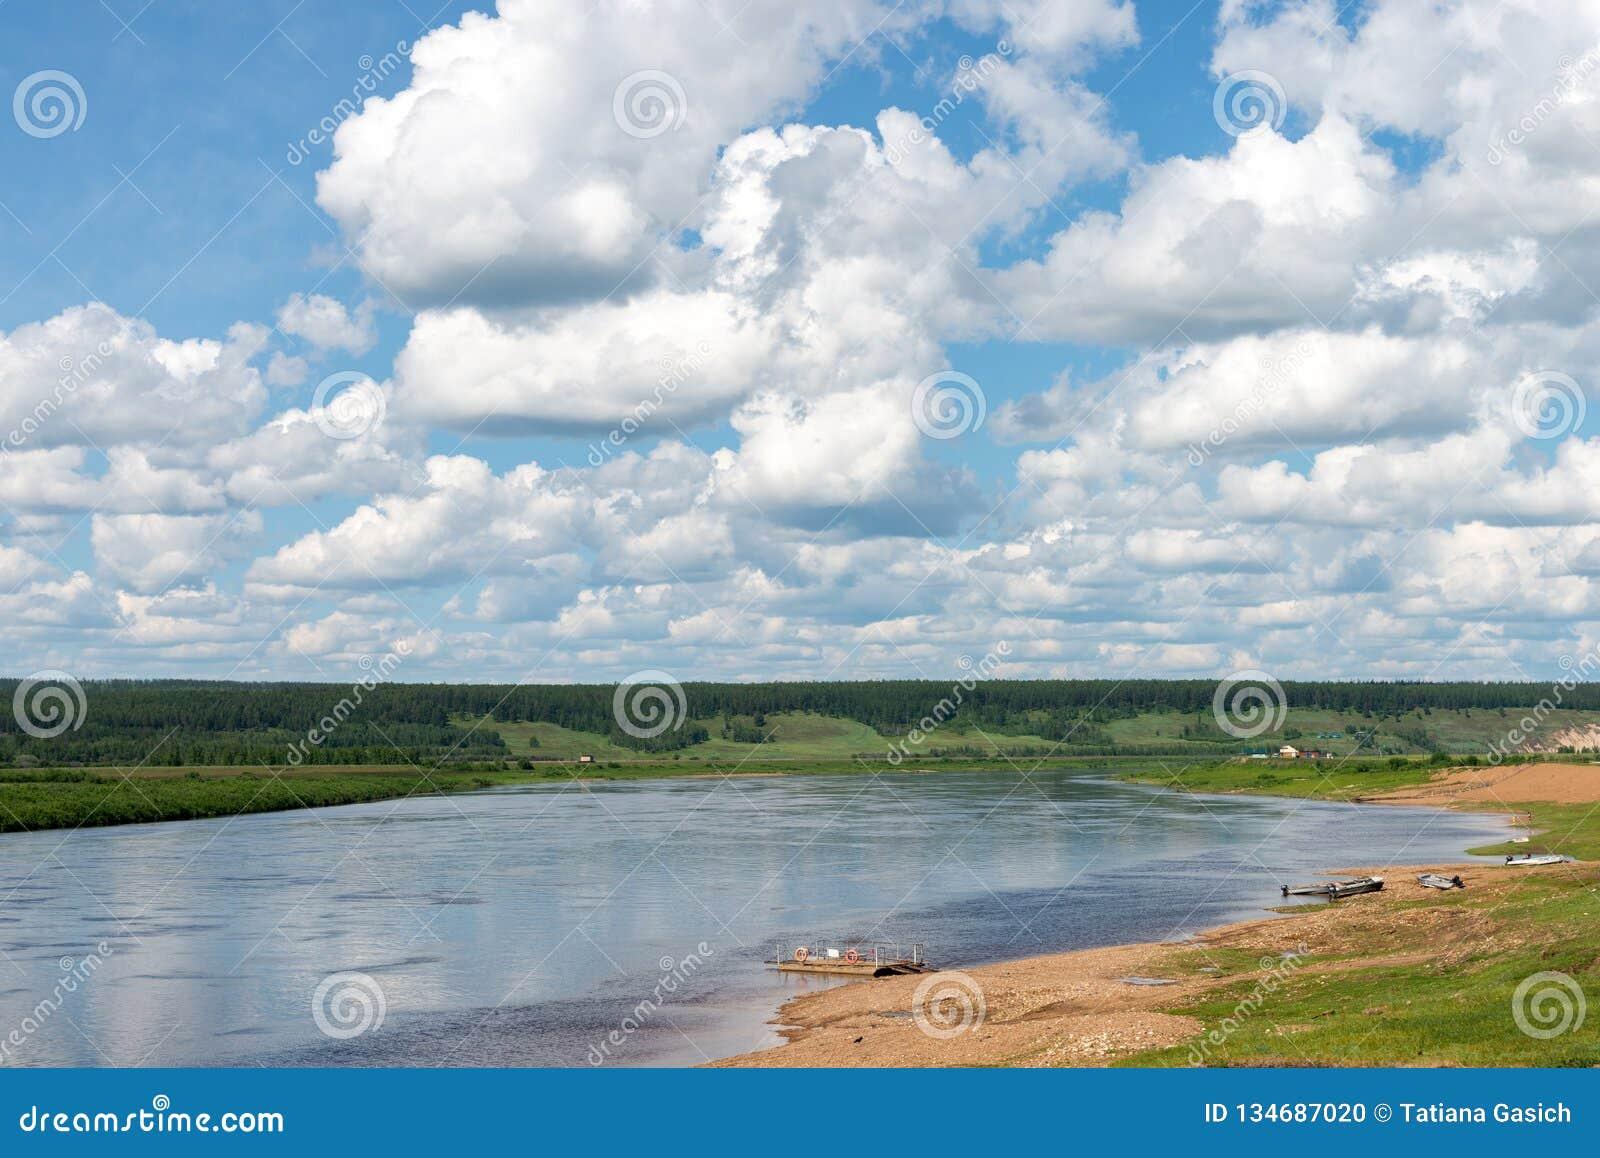 Paesaggio rurale con il villaggio ed il fiume al giorno nuvoloso di estate